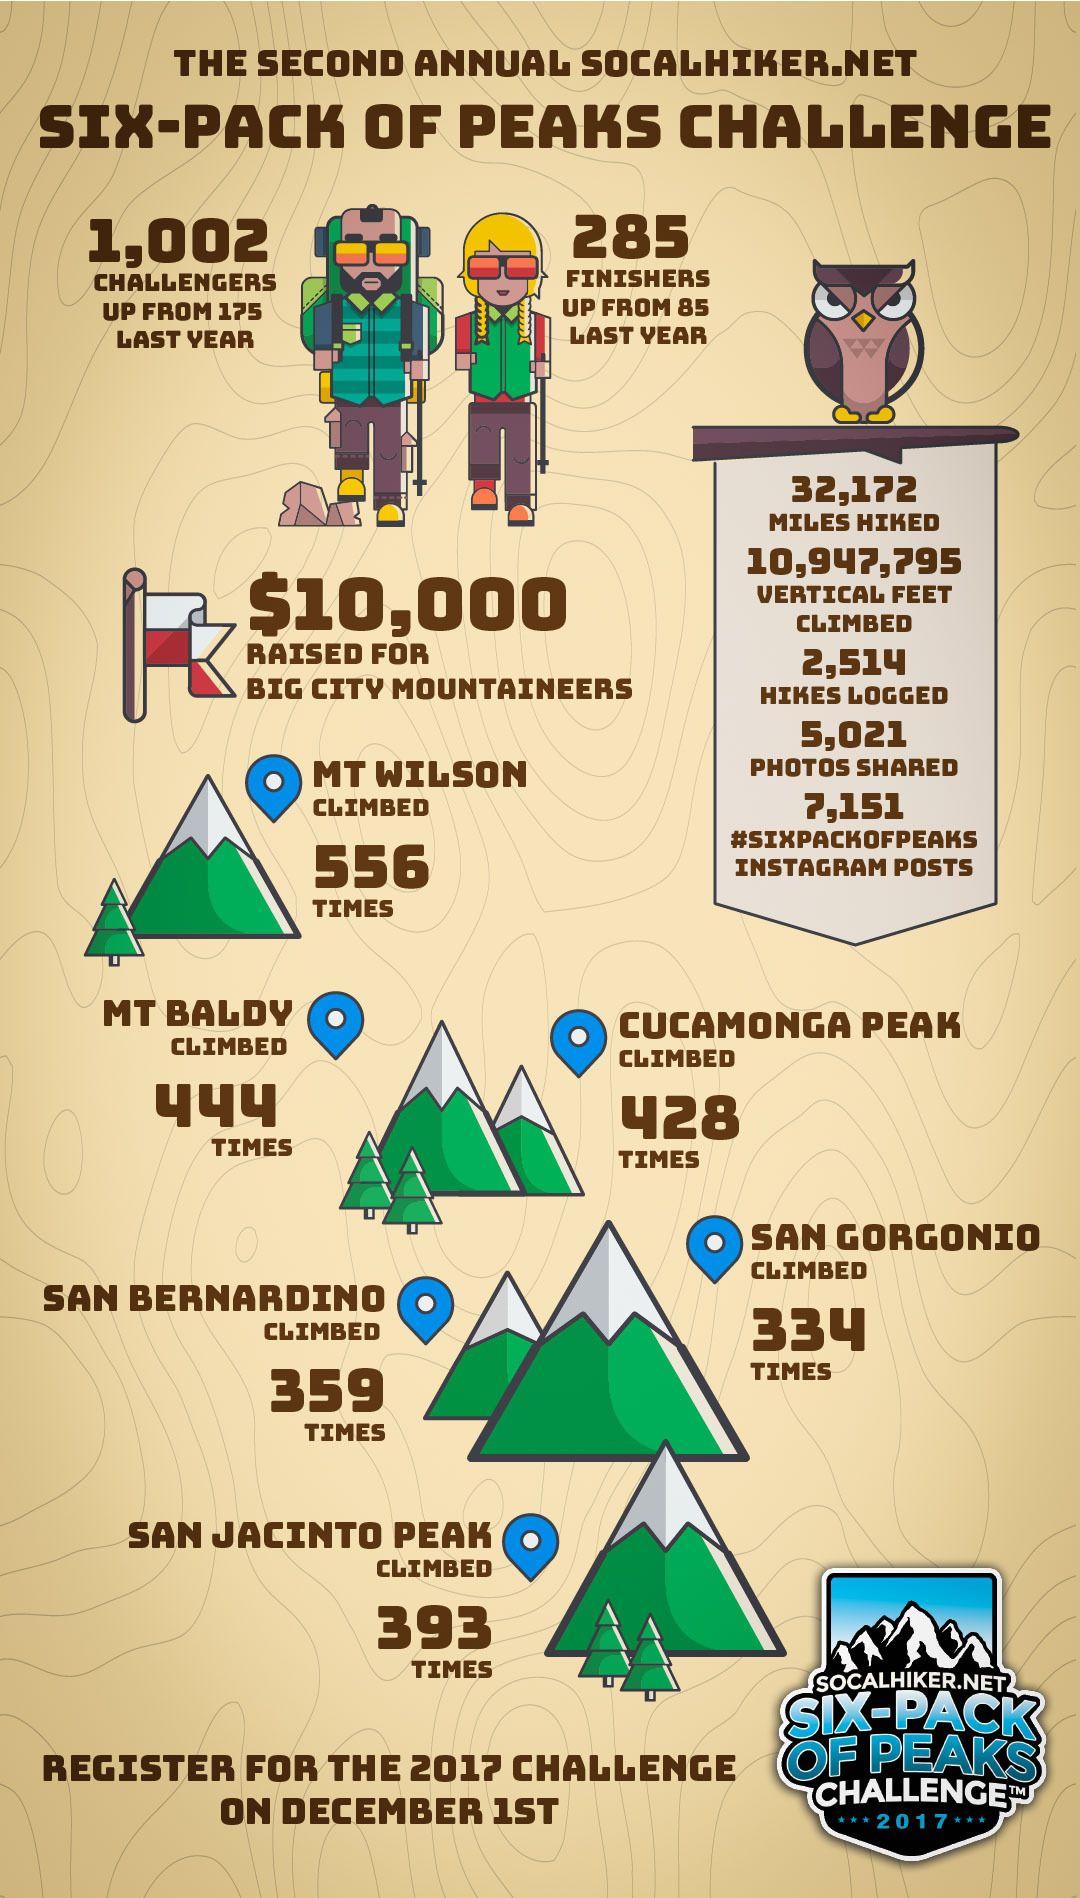 2016 Six-Pack of Peaks Challenge Recap http://socalhiker.net/